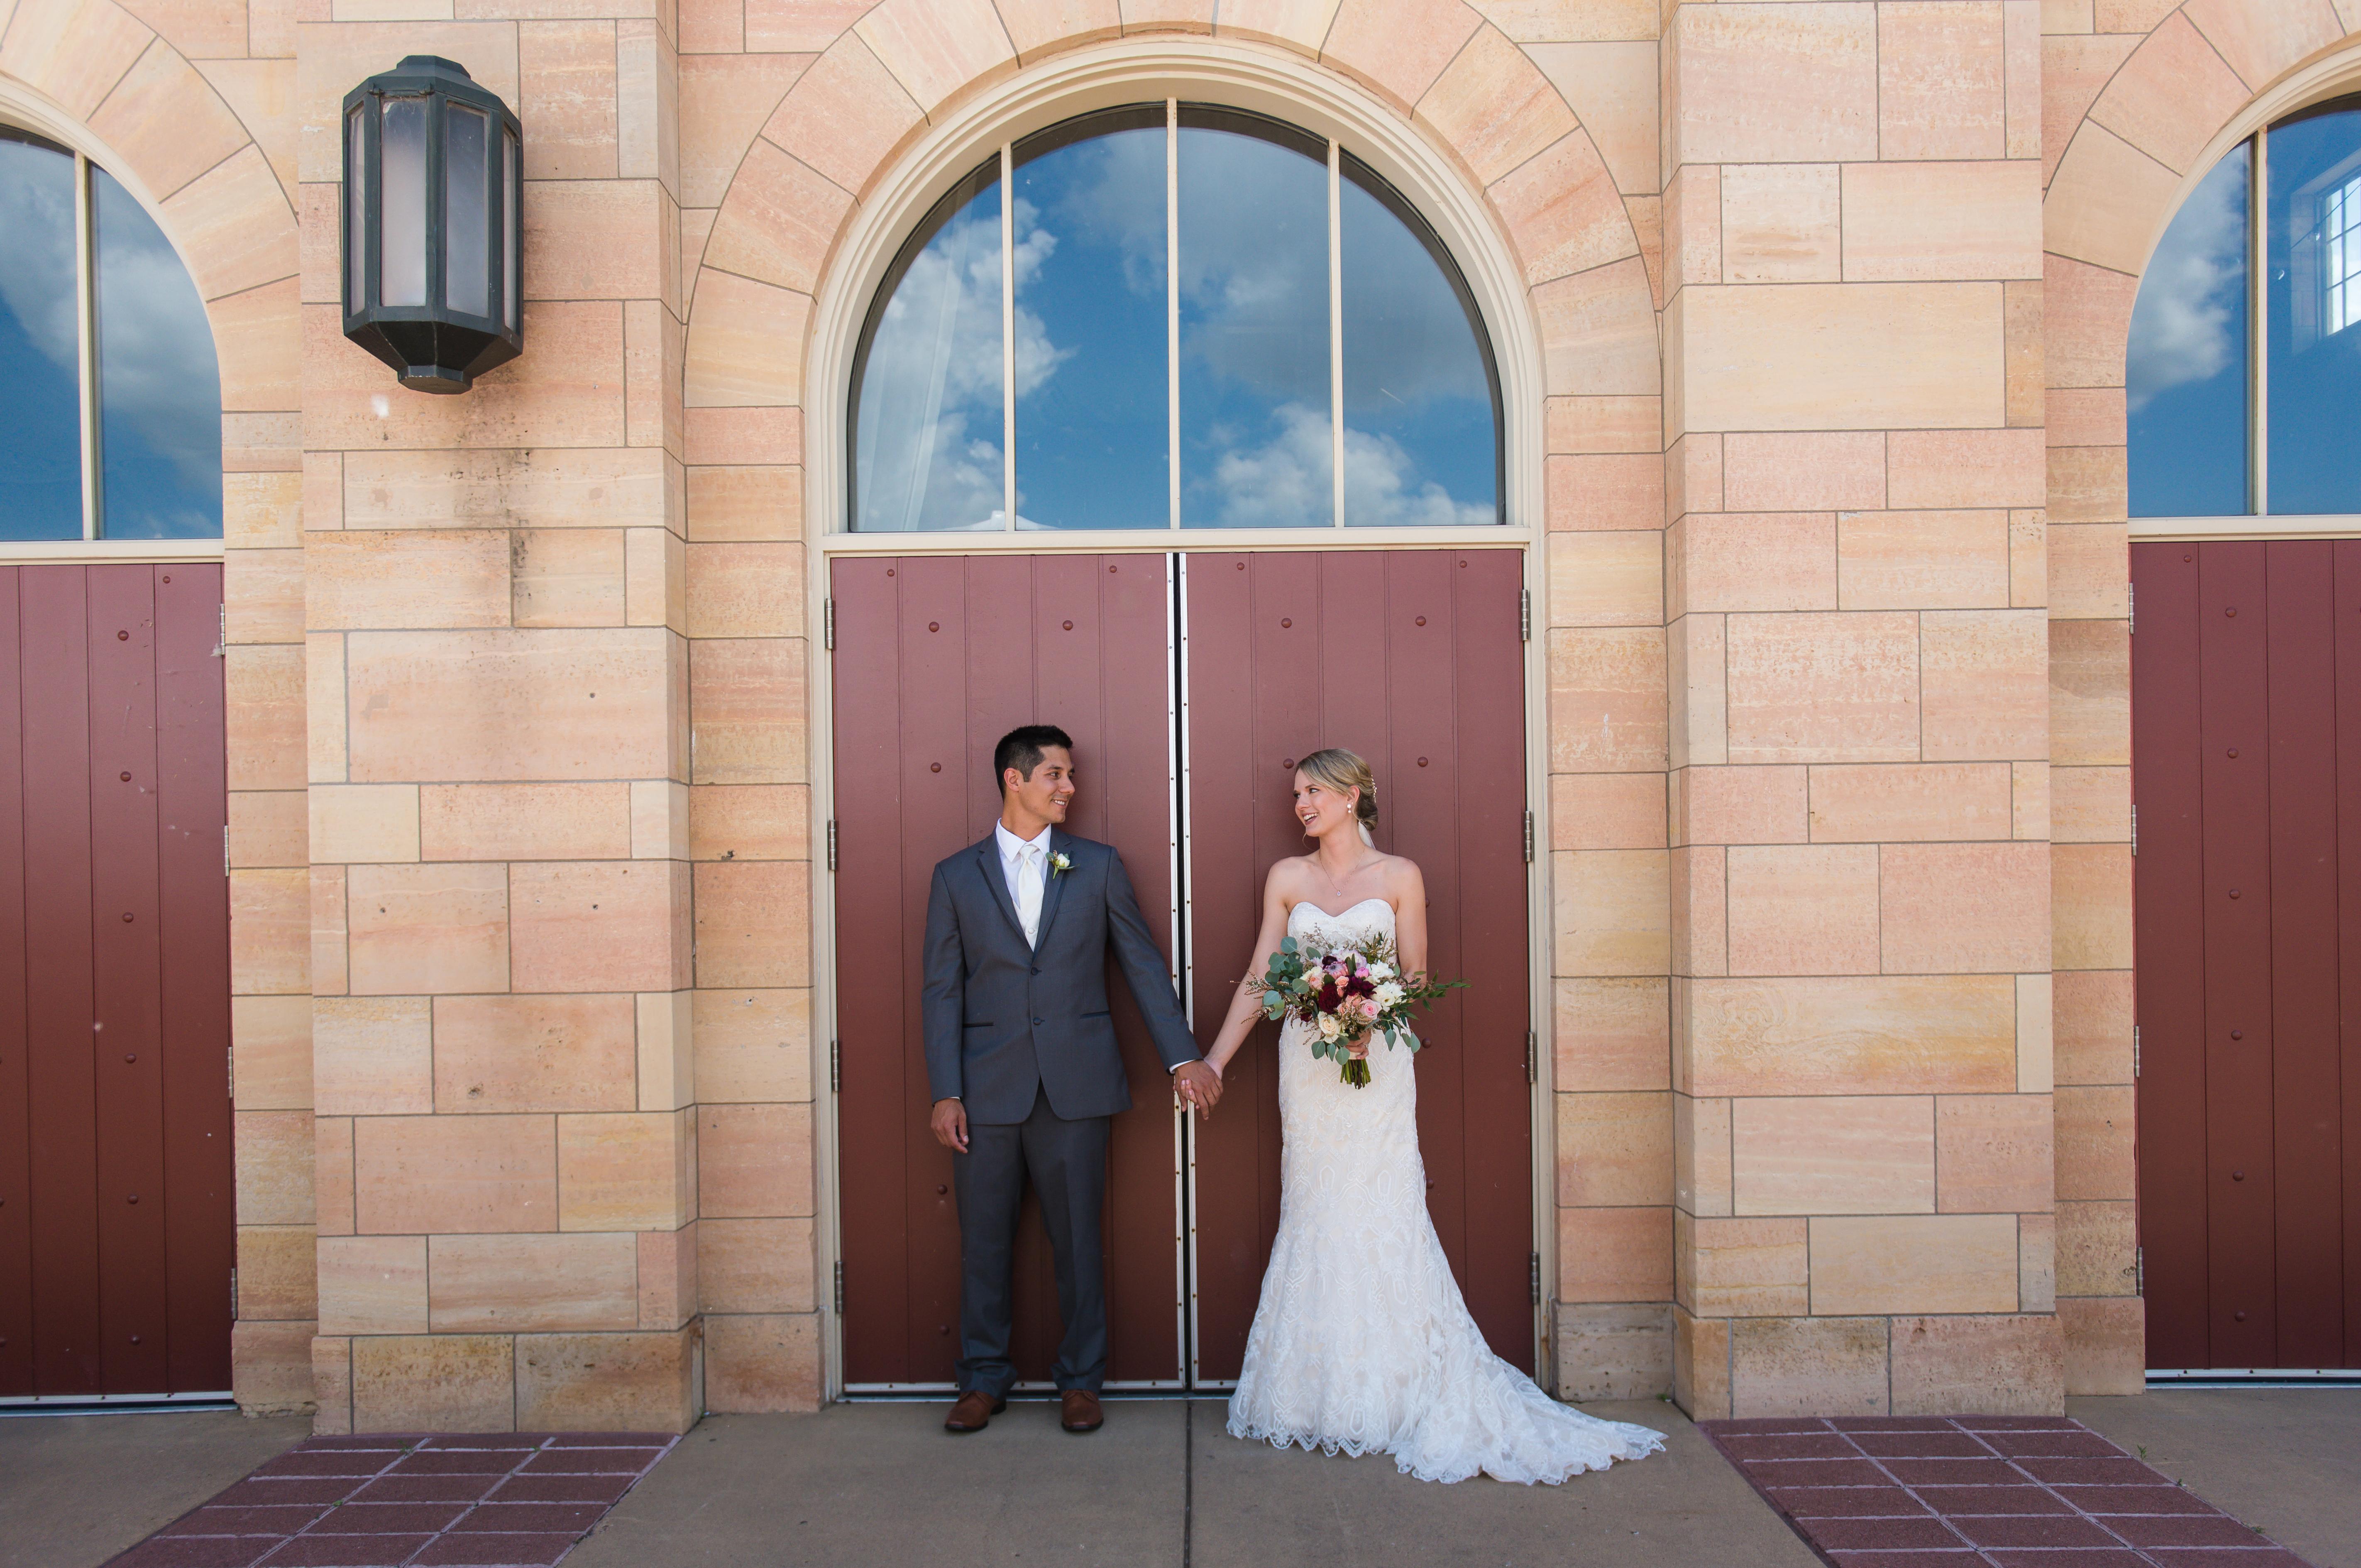 twincities wedding photography east oaks photography wedding photo (5)